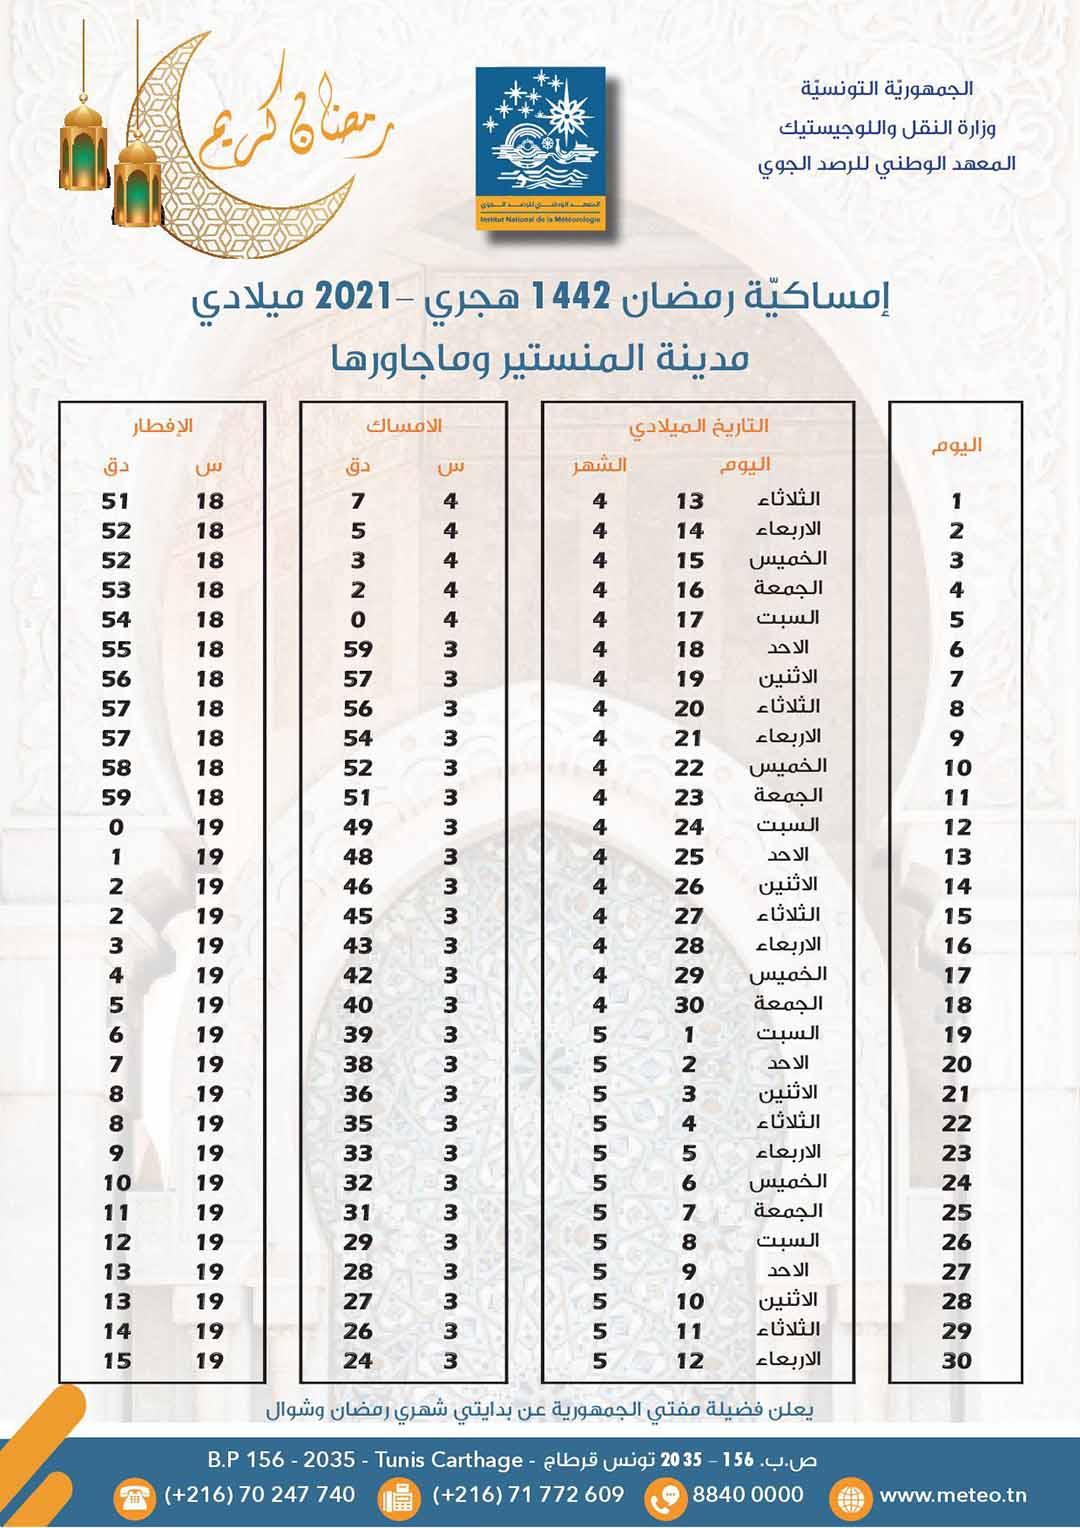 مواعيد الافطار و السحور في ولاية المنستير رمضان 2021 1 - هام: مواعيد الافطار والامساك لشهر رمضان حسب الولايات..